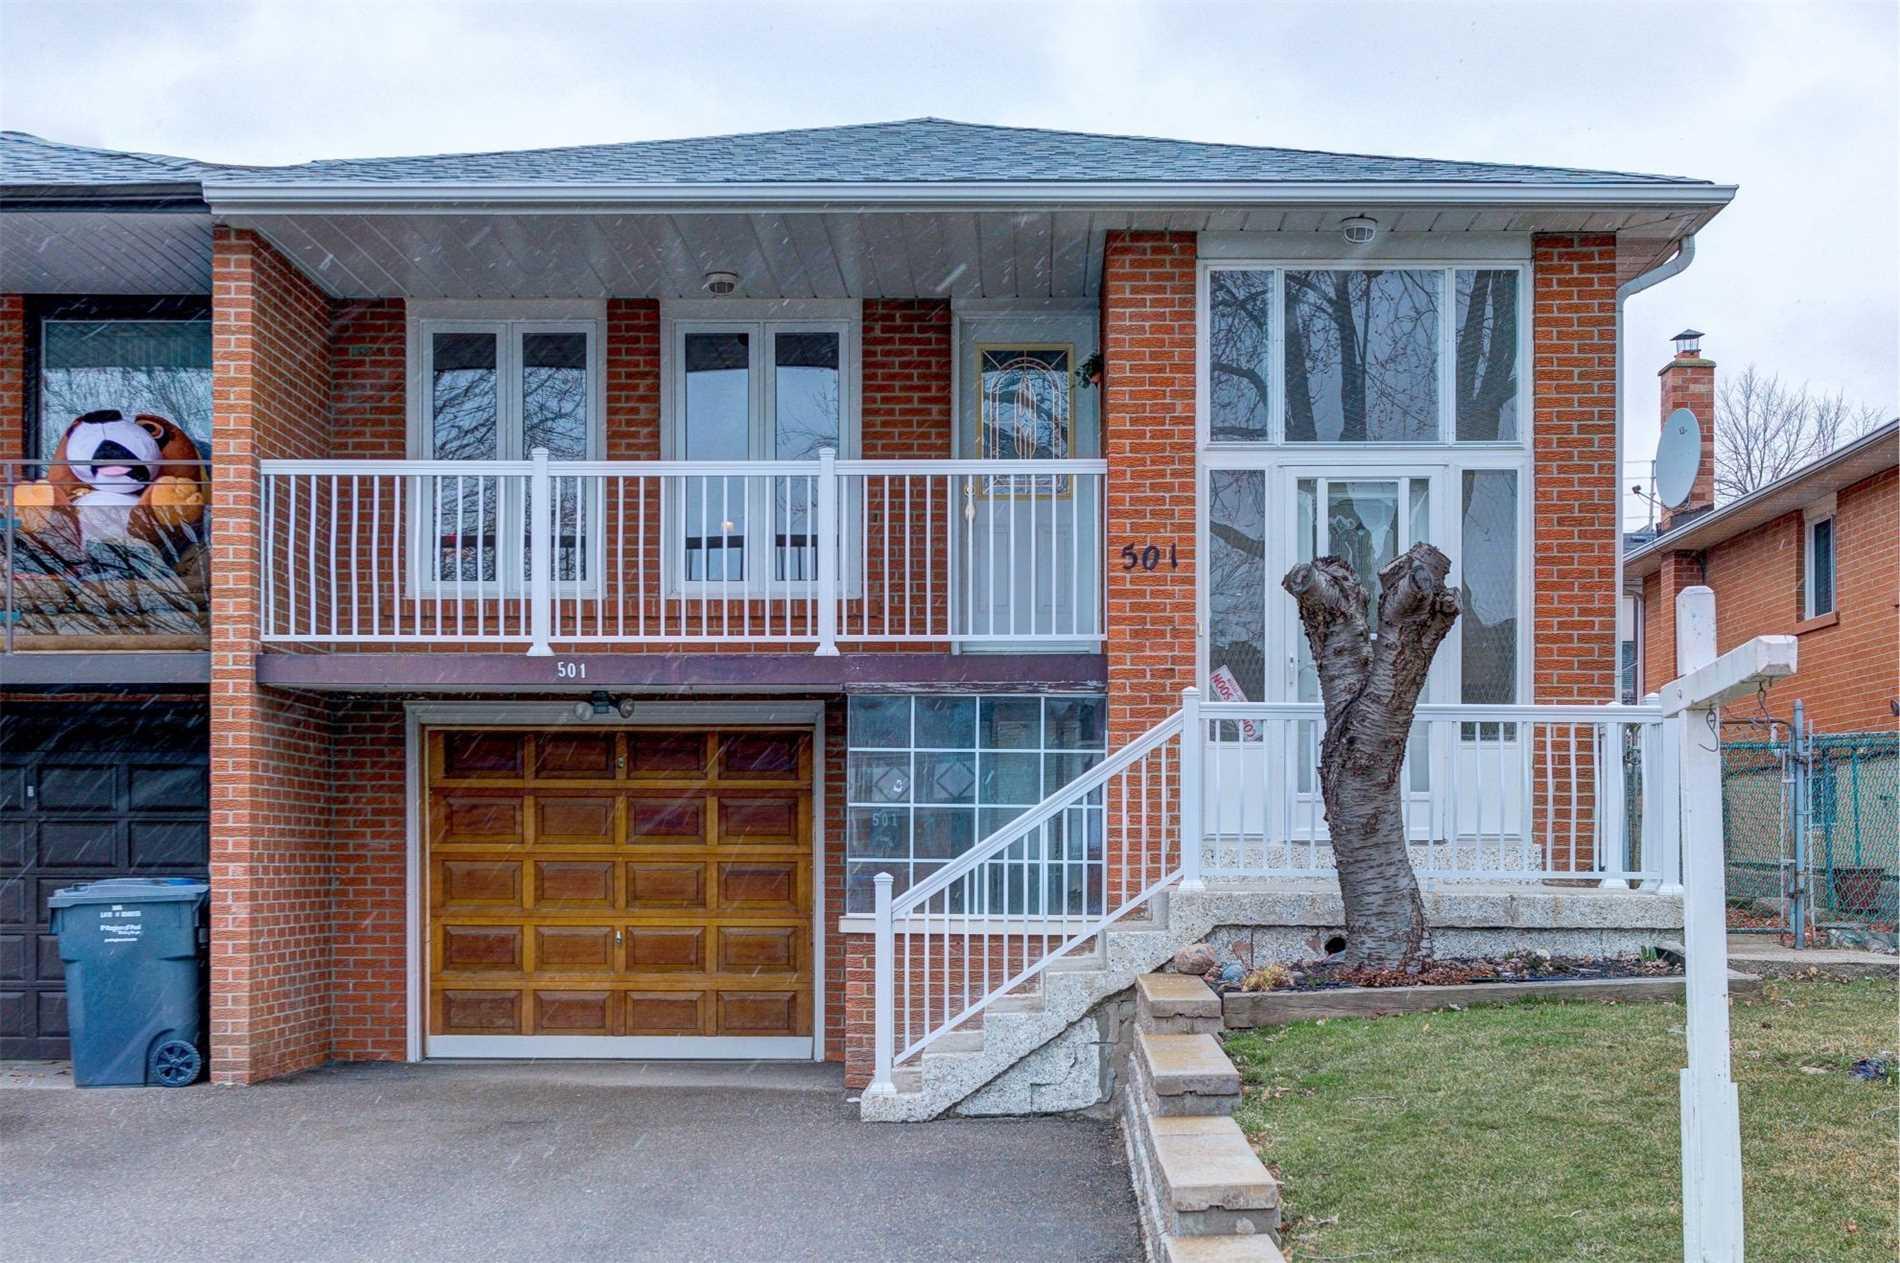 501 Fendalton St, Mississauga W4413771